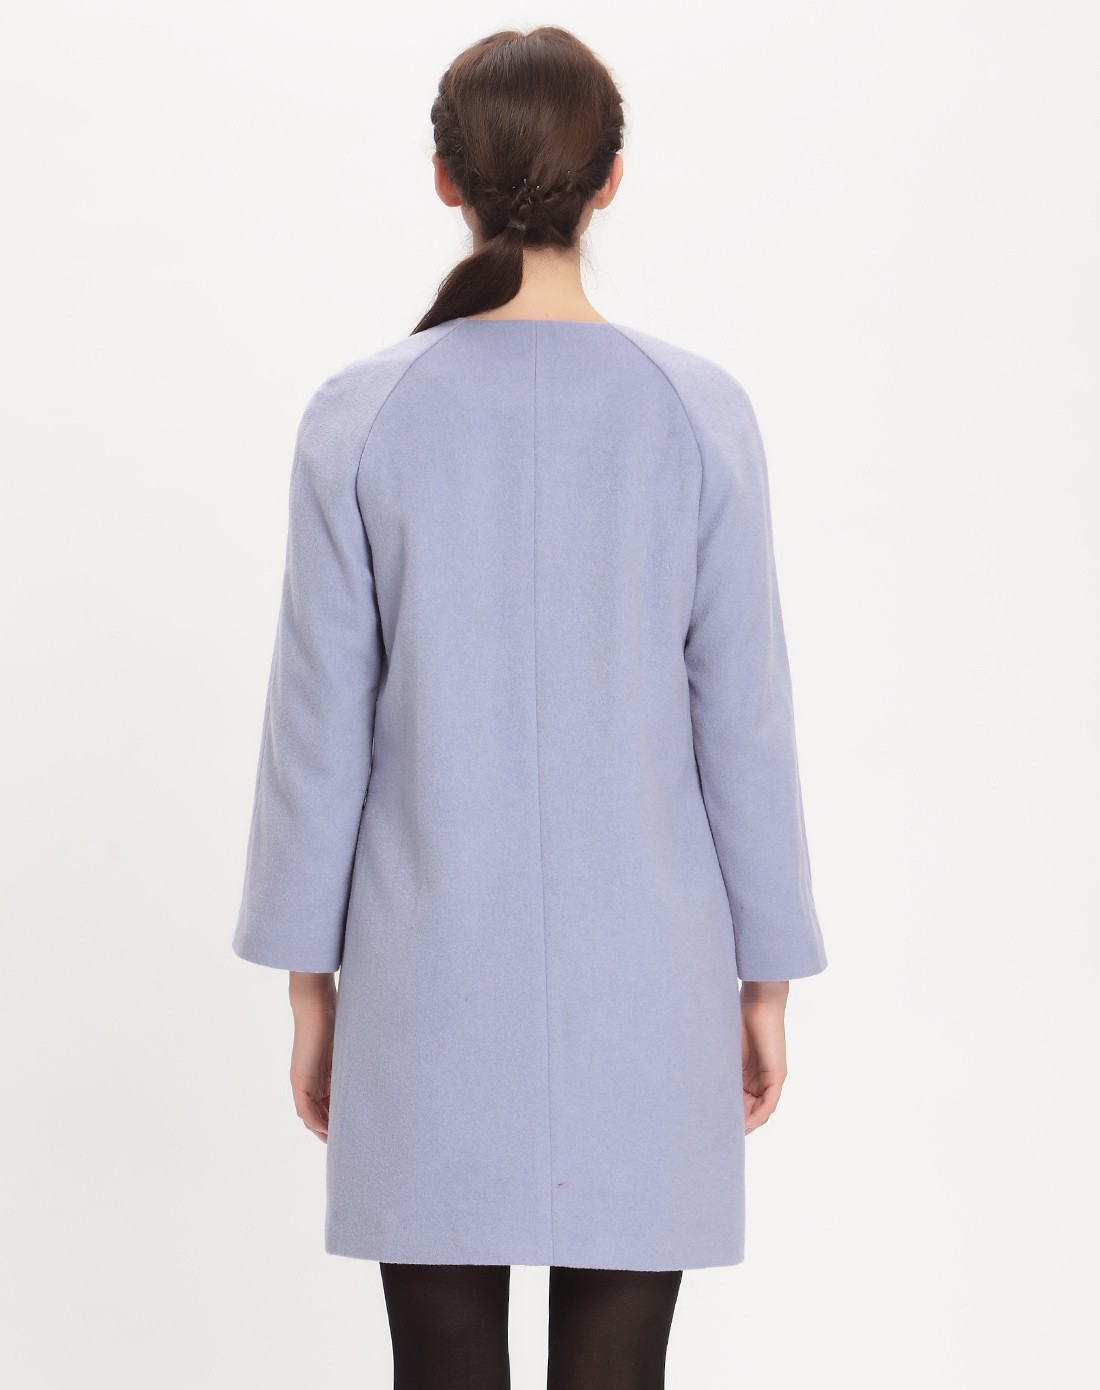 袖跺(h�(�_> 简约淡紫色落肩袖大衣